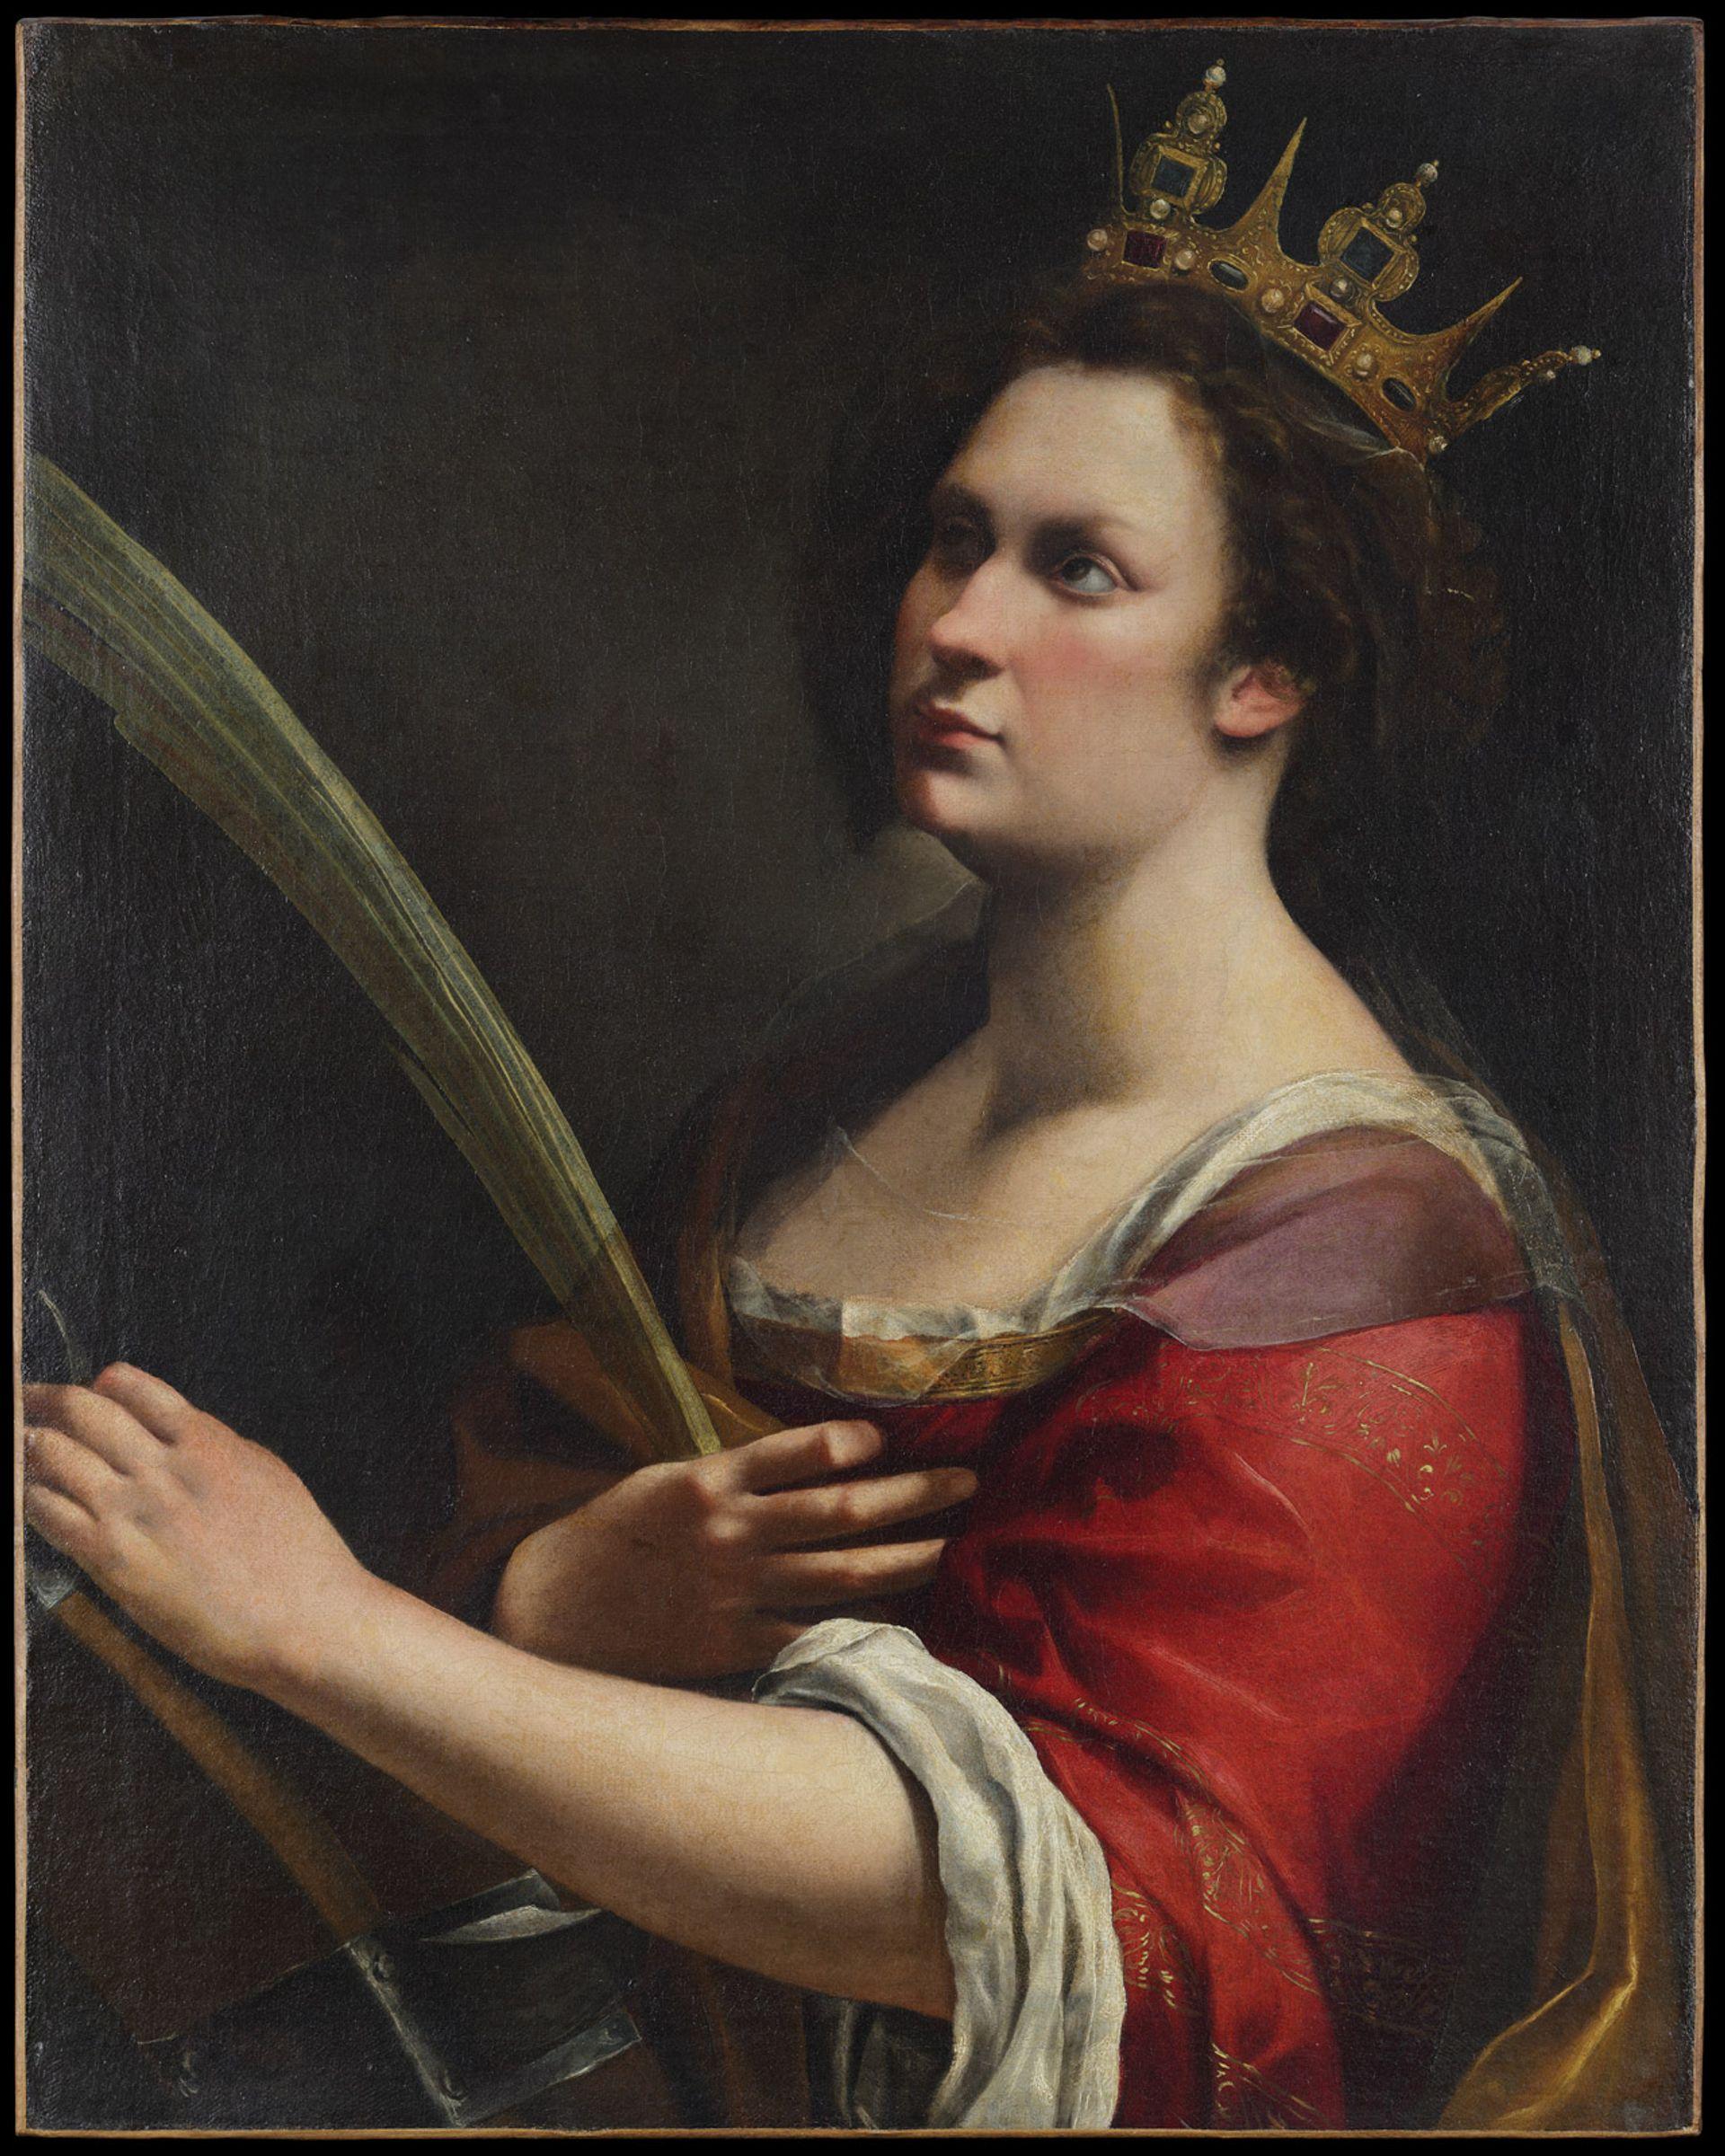 The Uffizi's Saint Catherine of Alexandria (1618-20) was examined by Italian state conservators at the Opificio delle Pietre Dure in Florence © Galleria degli Uffizi